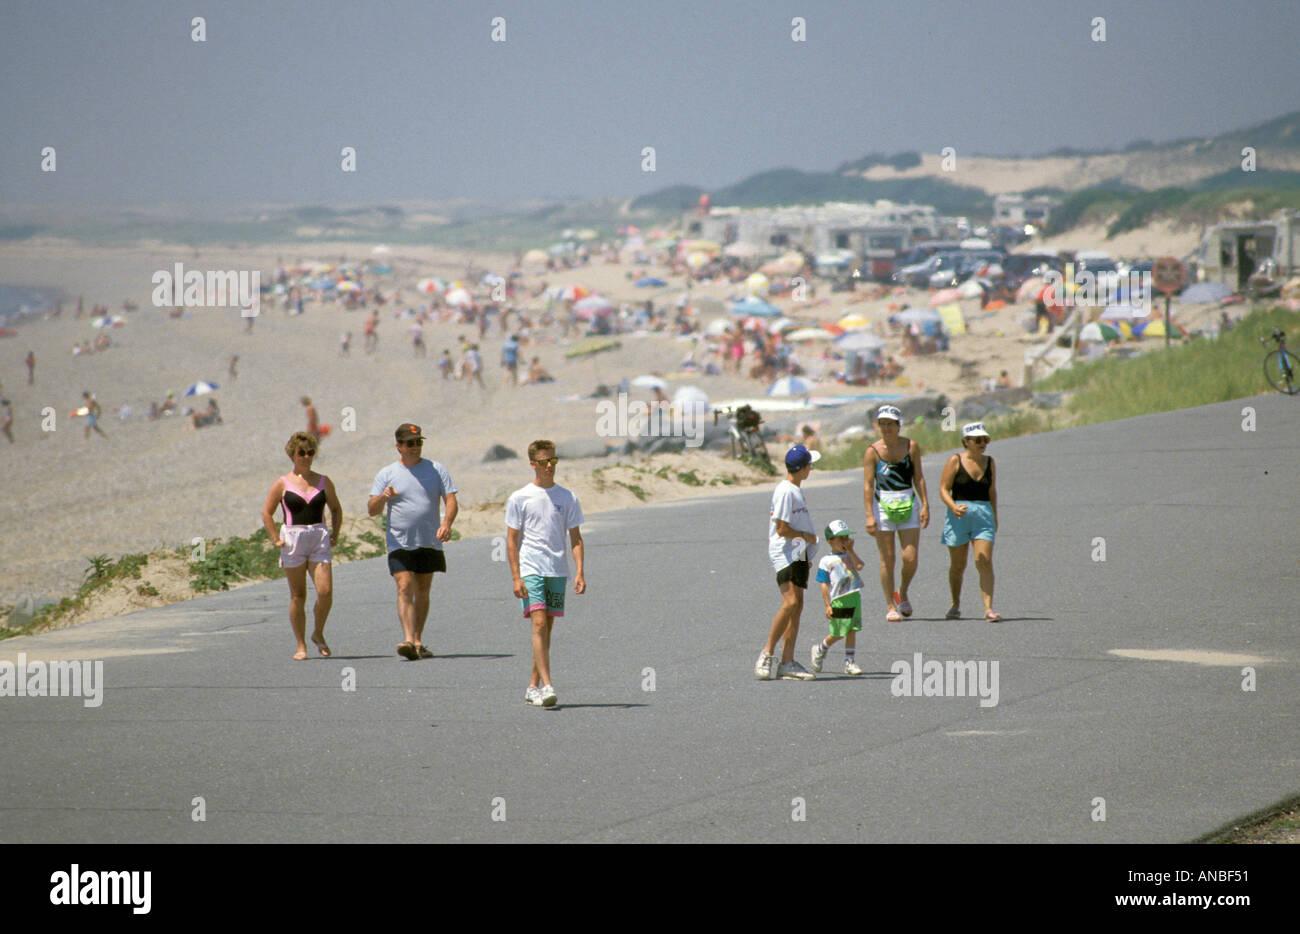 Beach Swimming Activities at Cape Cod National Seashore Massachusetts - Stock Image